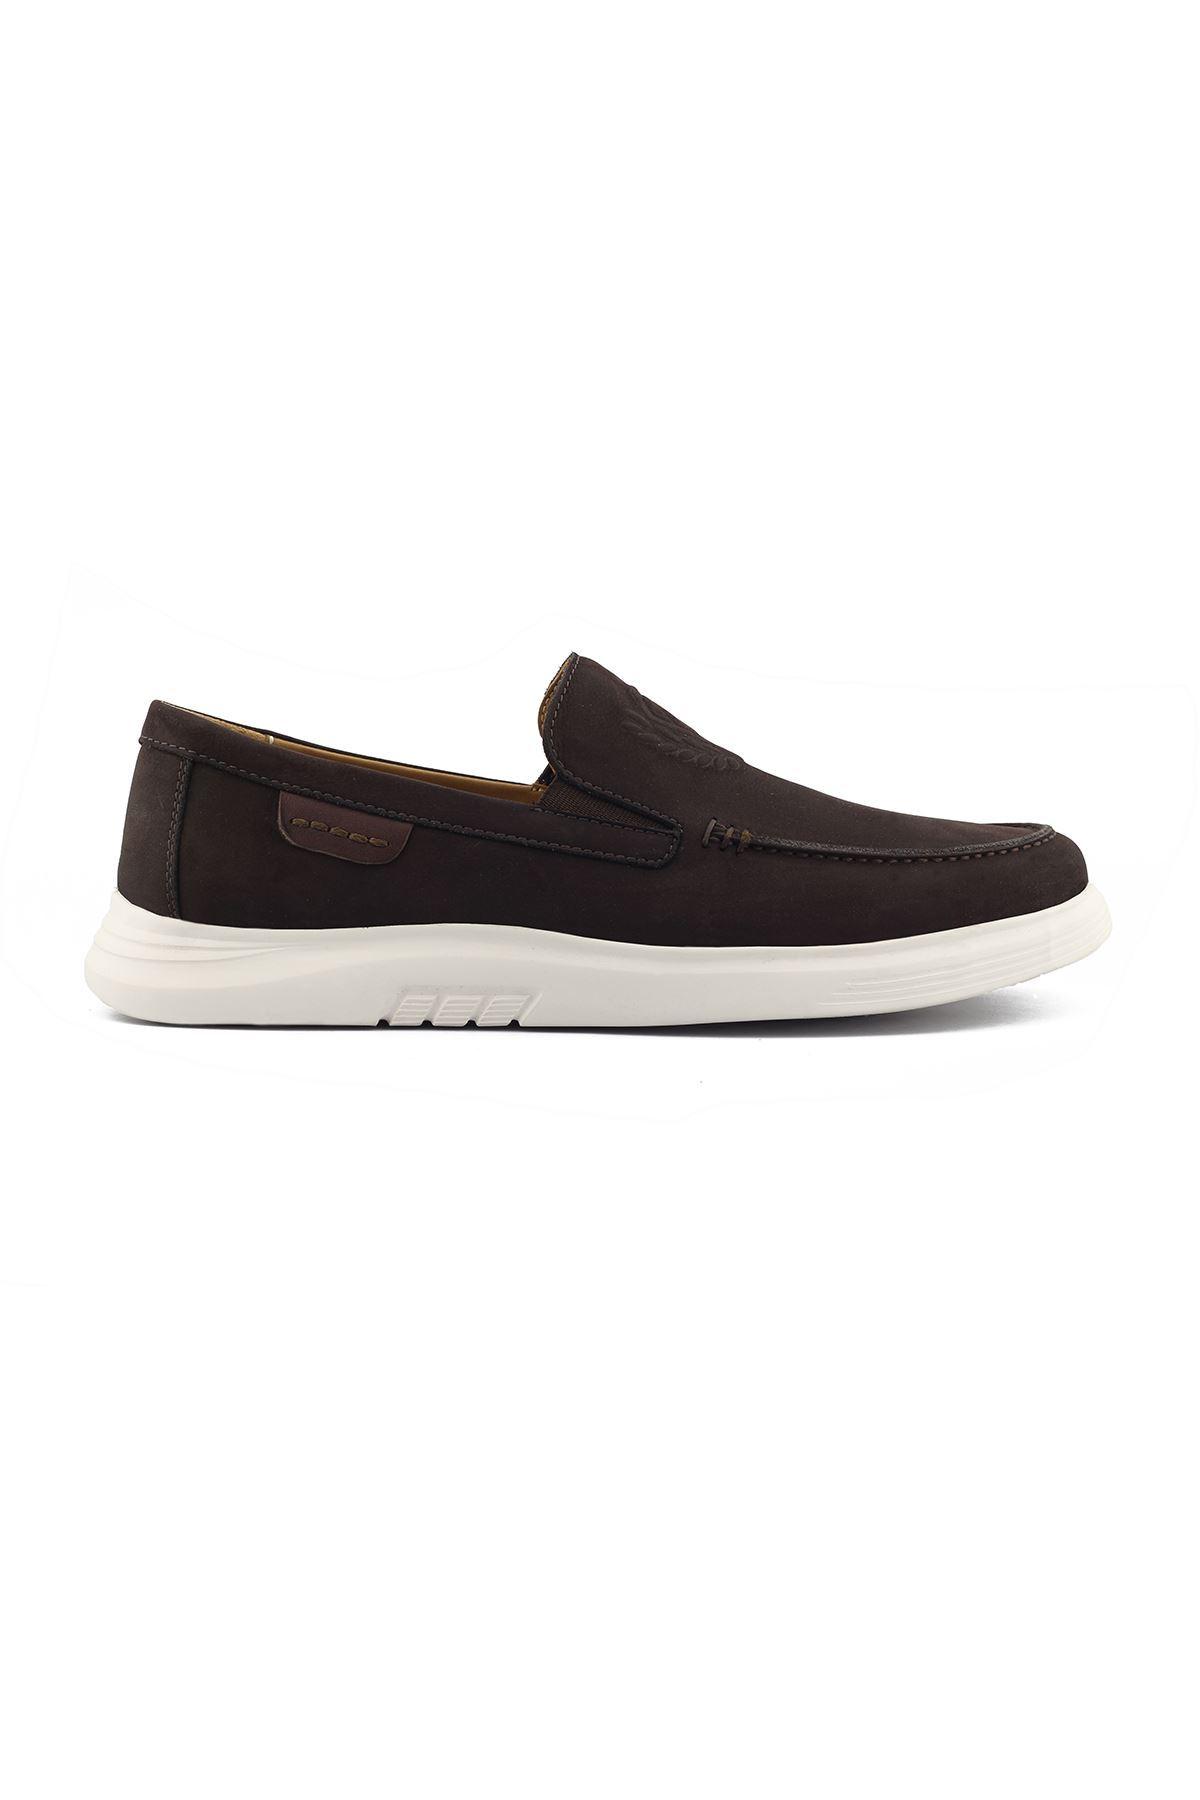 2105 Nubuk Kahve Stil Erkek Ayakkabı